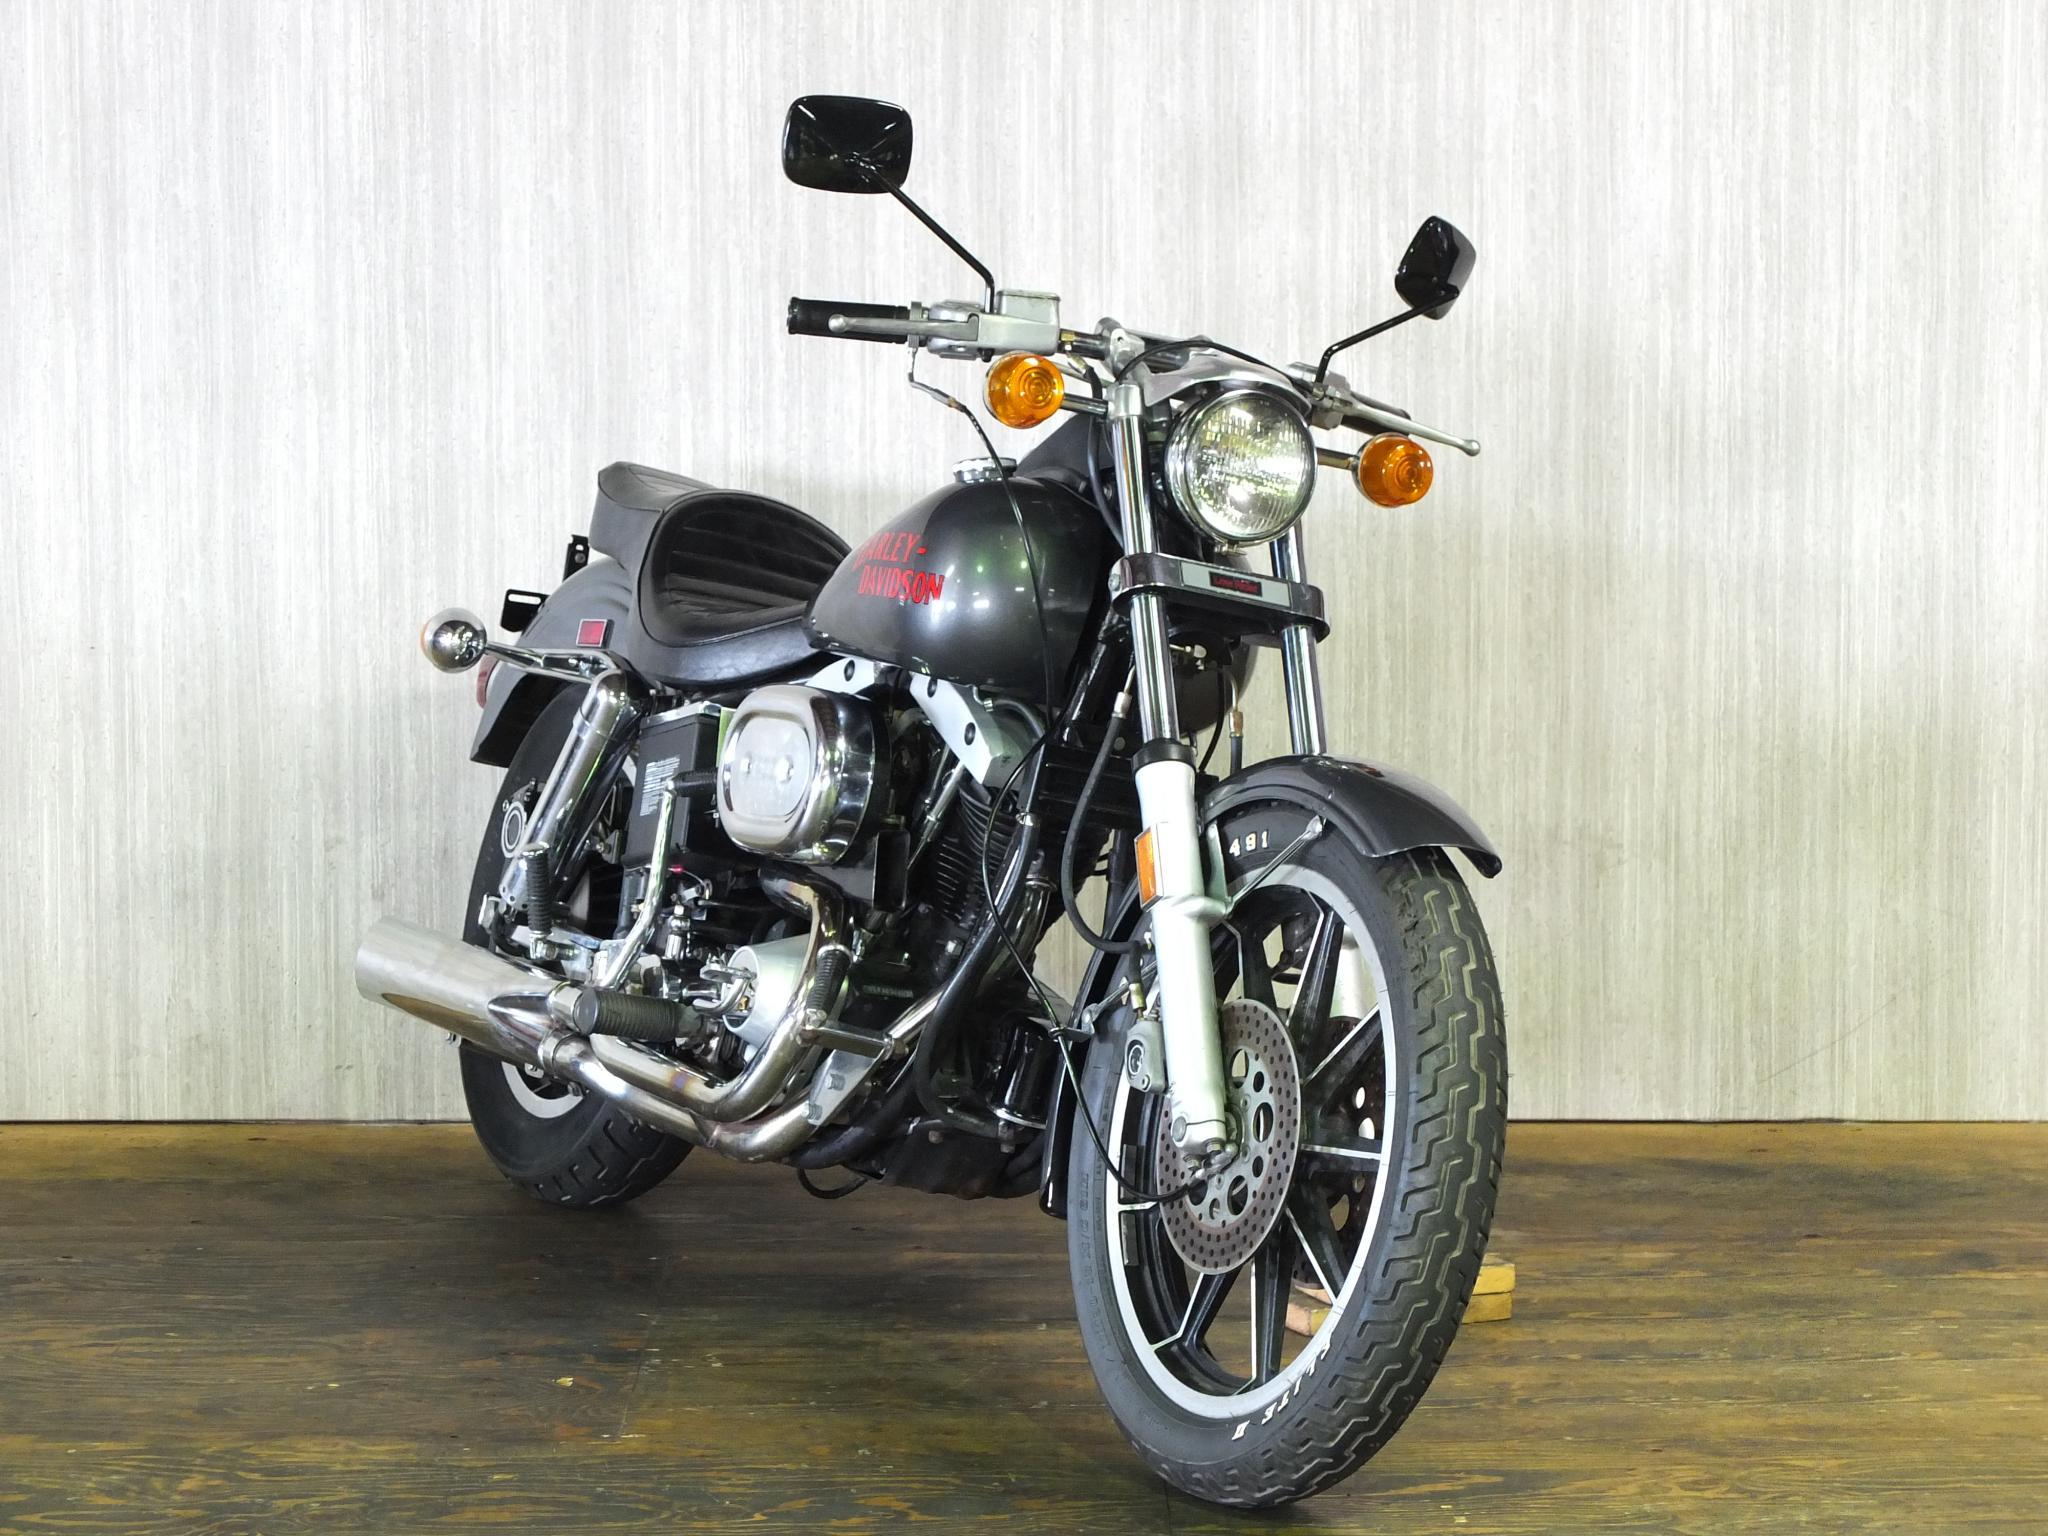 ハーレーダビッドソン 1978 FXS 1200 Low Rider 車体写真2